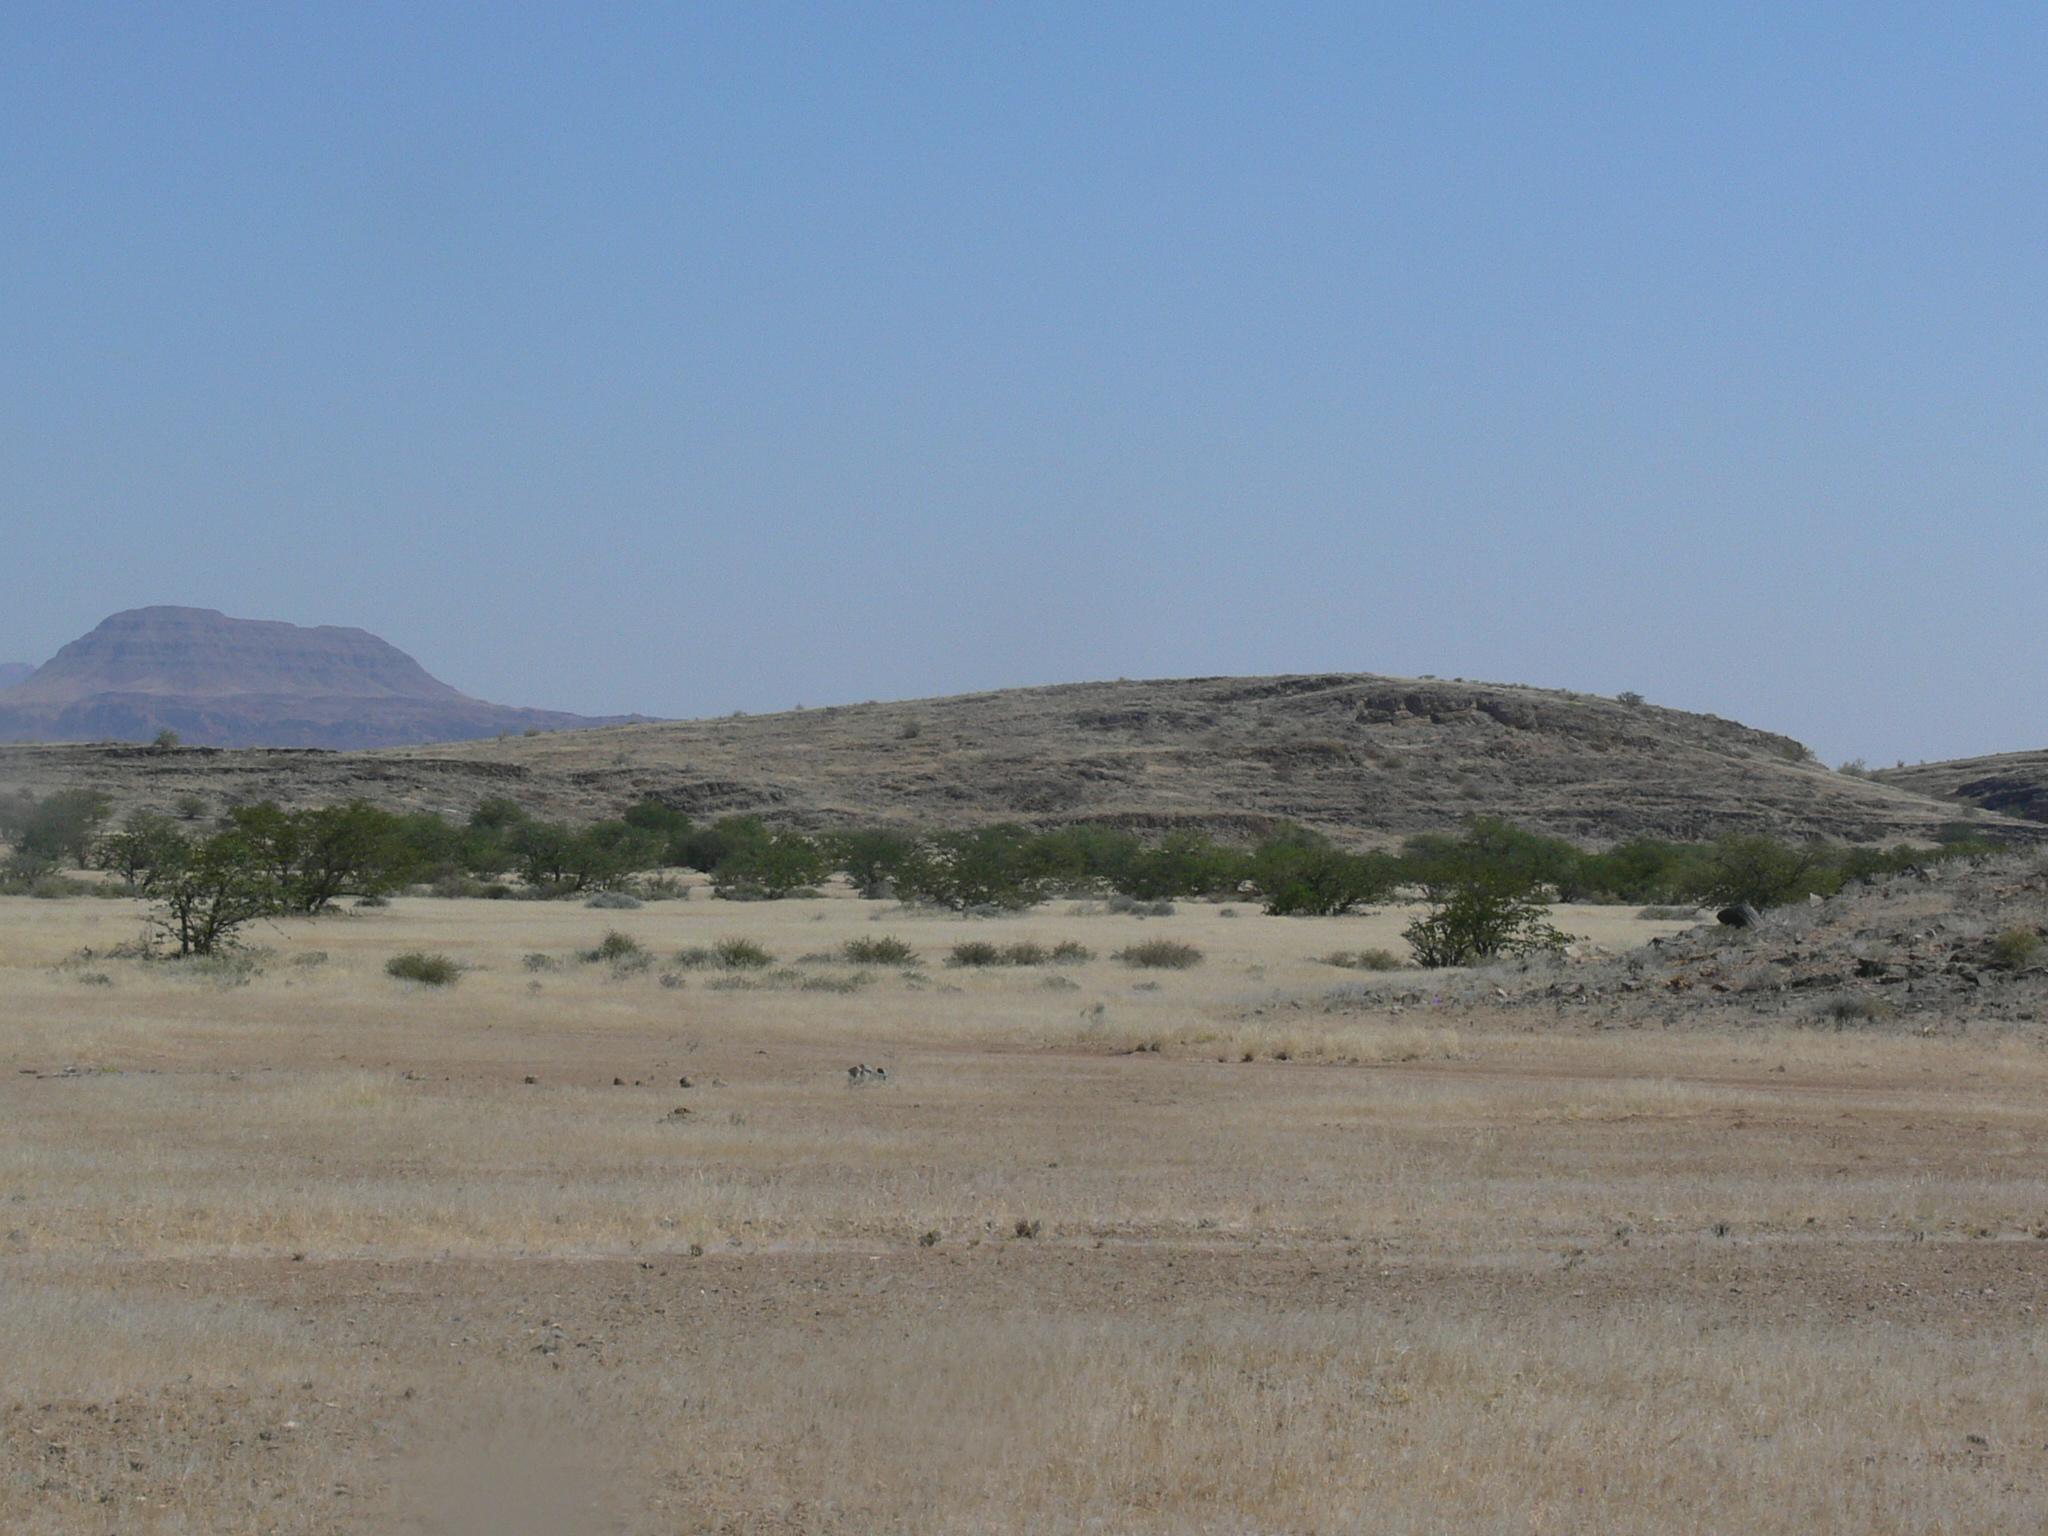 Друмлины обычно встречаются в Северной Америке и северной части Европы, поэтому обычно не ассоциируются с пустынями.